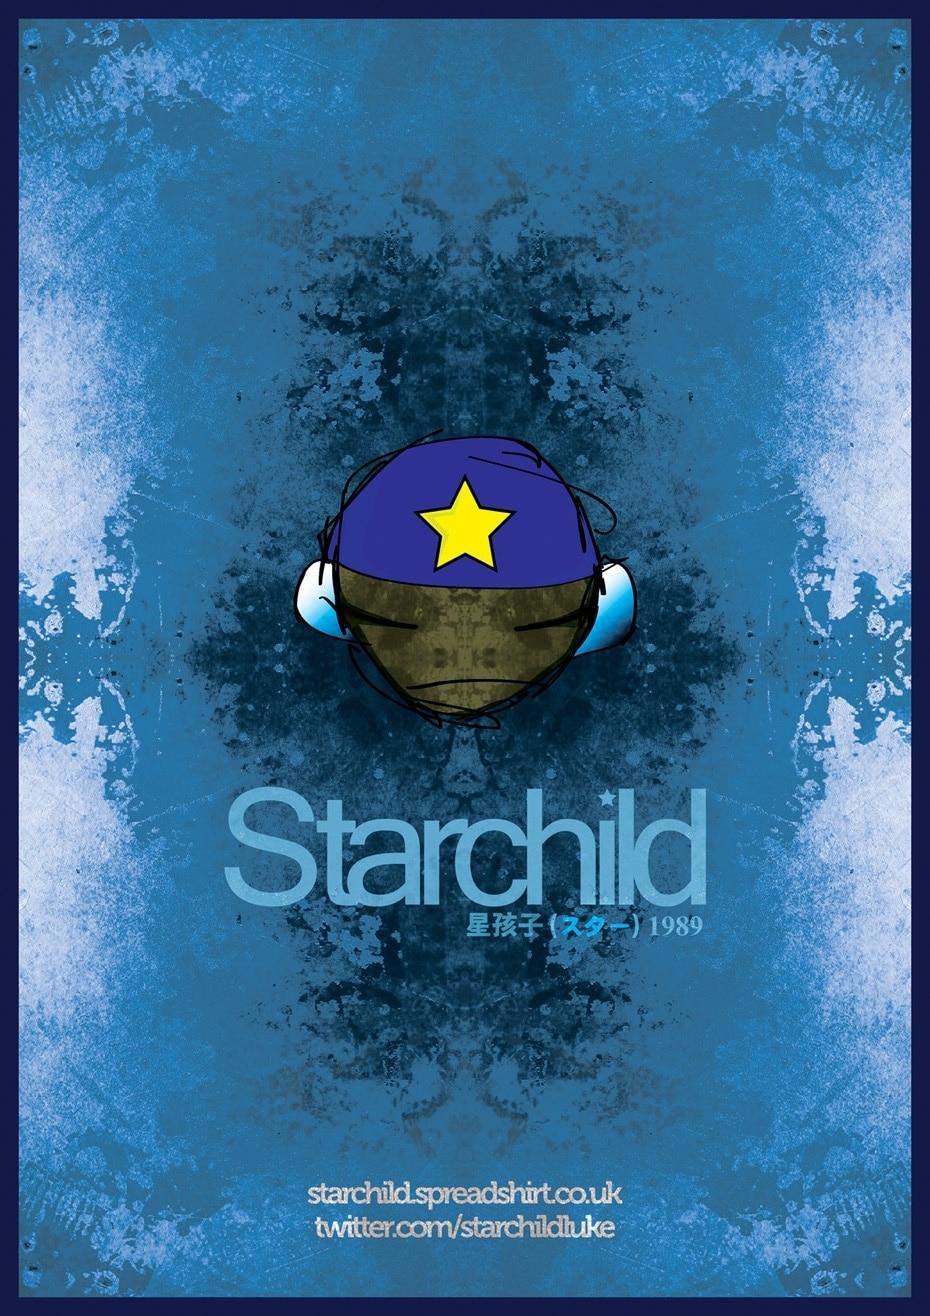 starchildposter